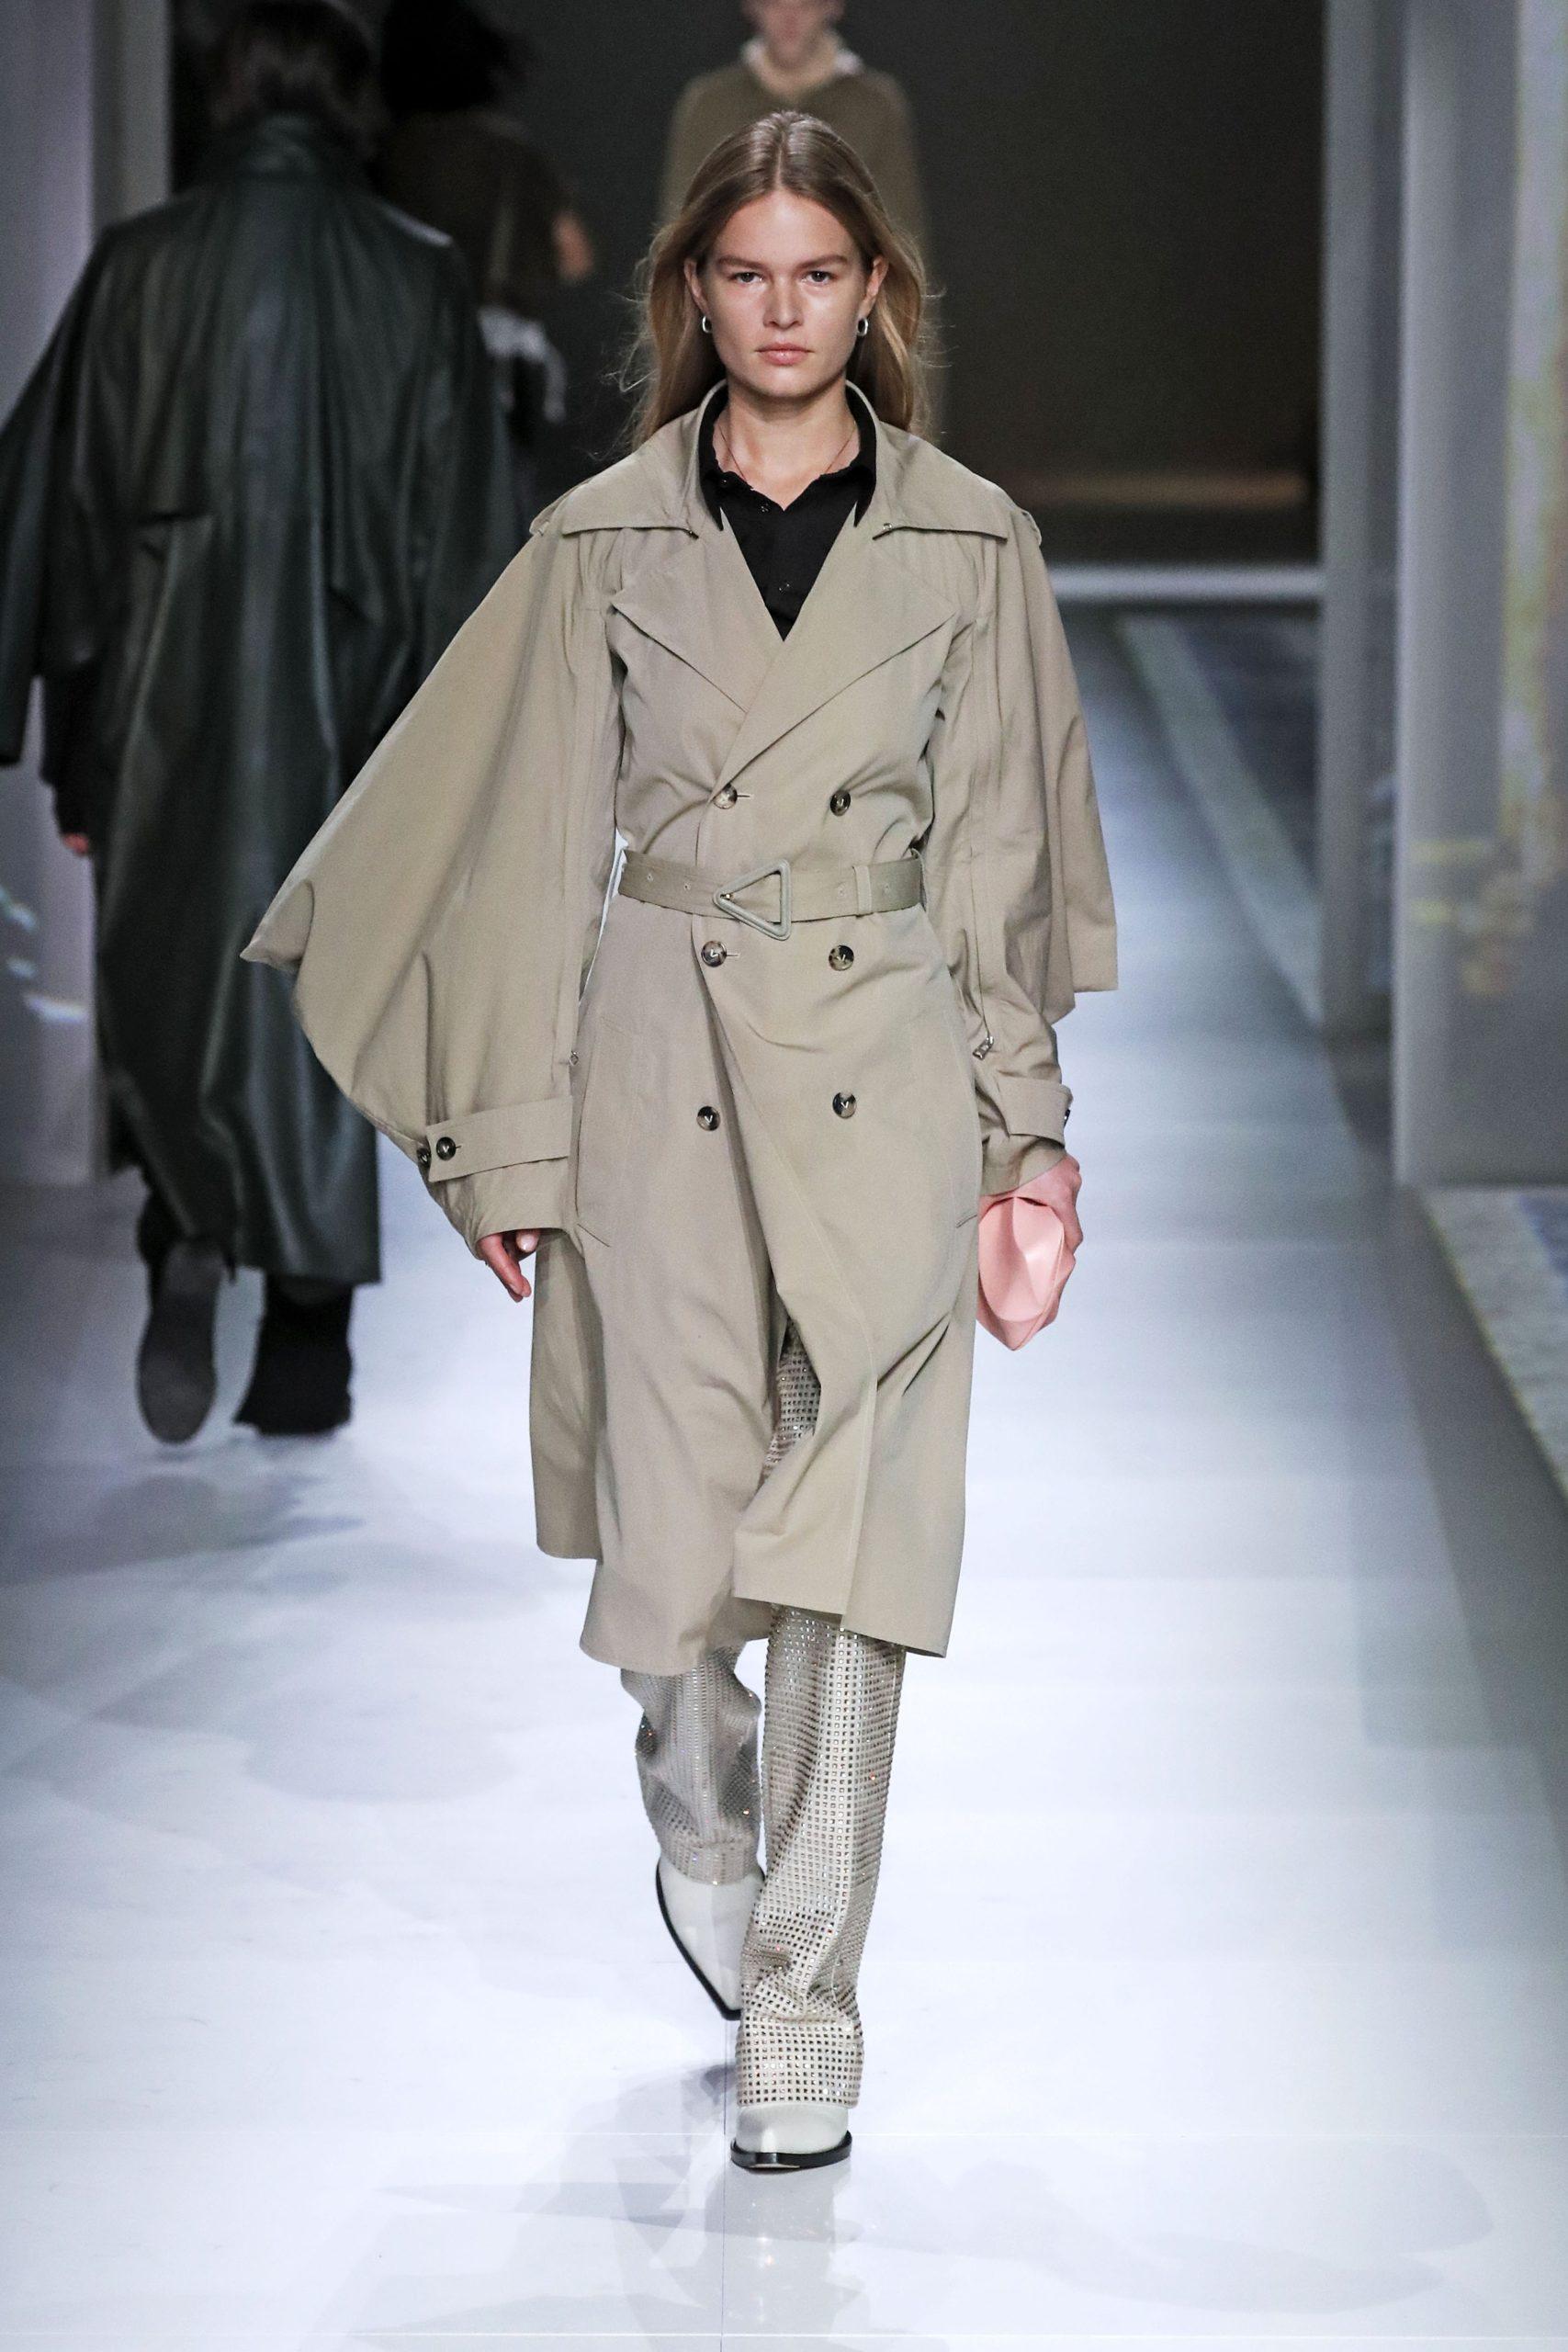 модный тренд плащ осень 2020 бежевый с объемными рукавами